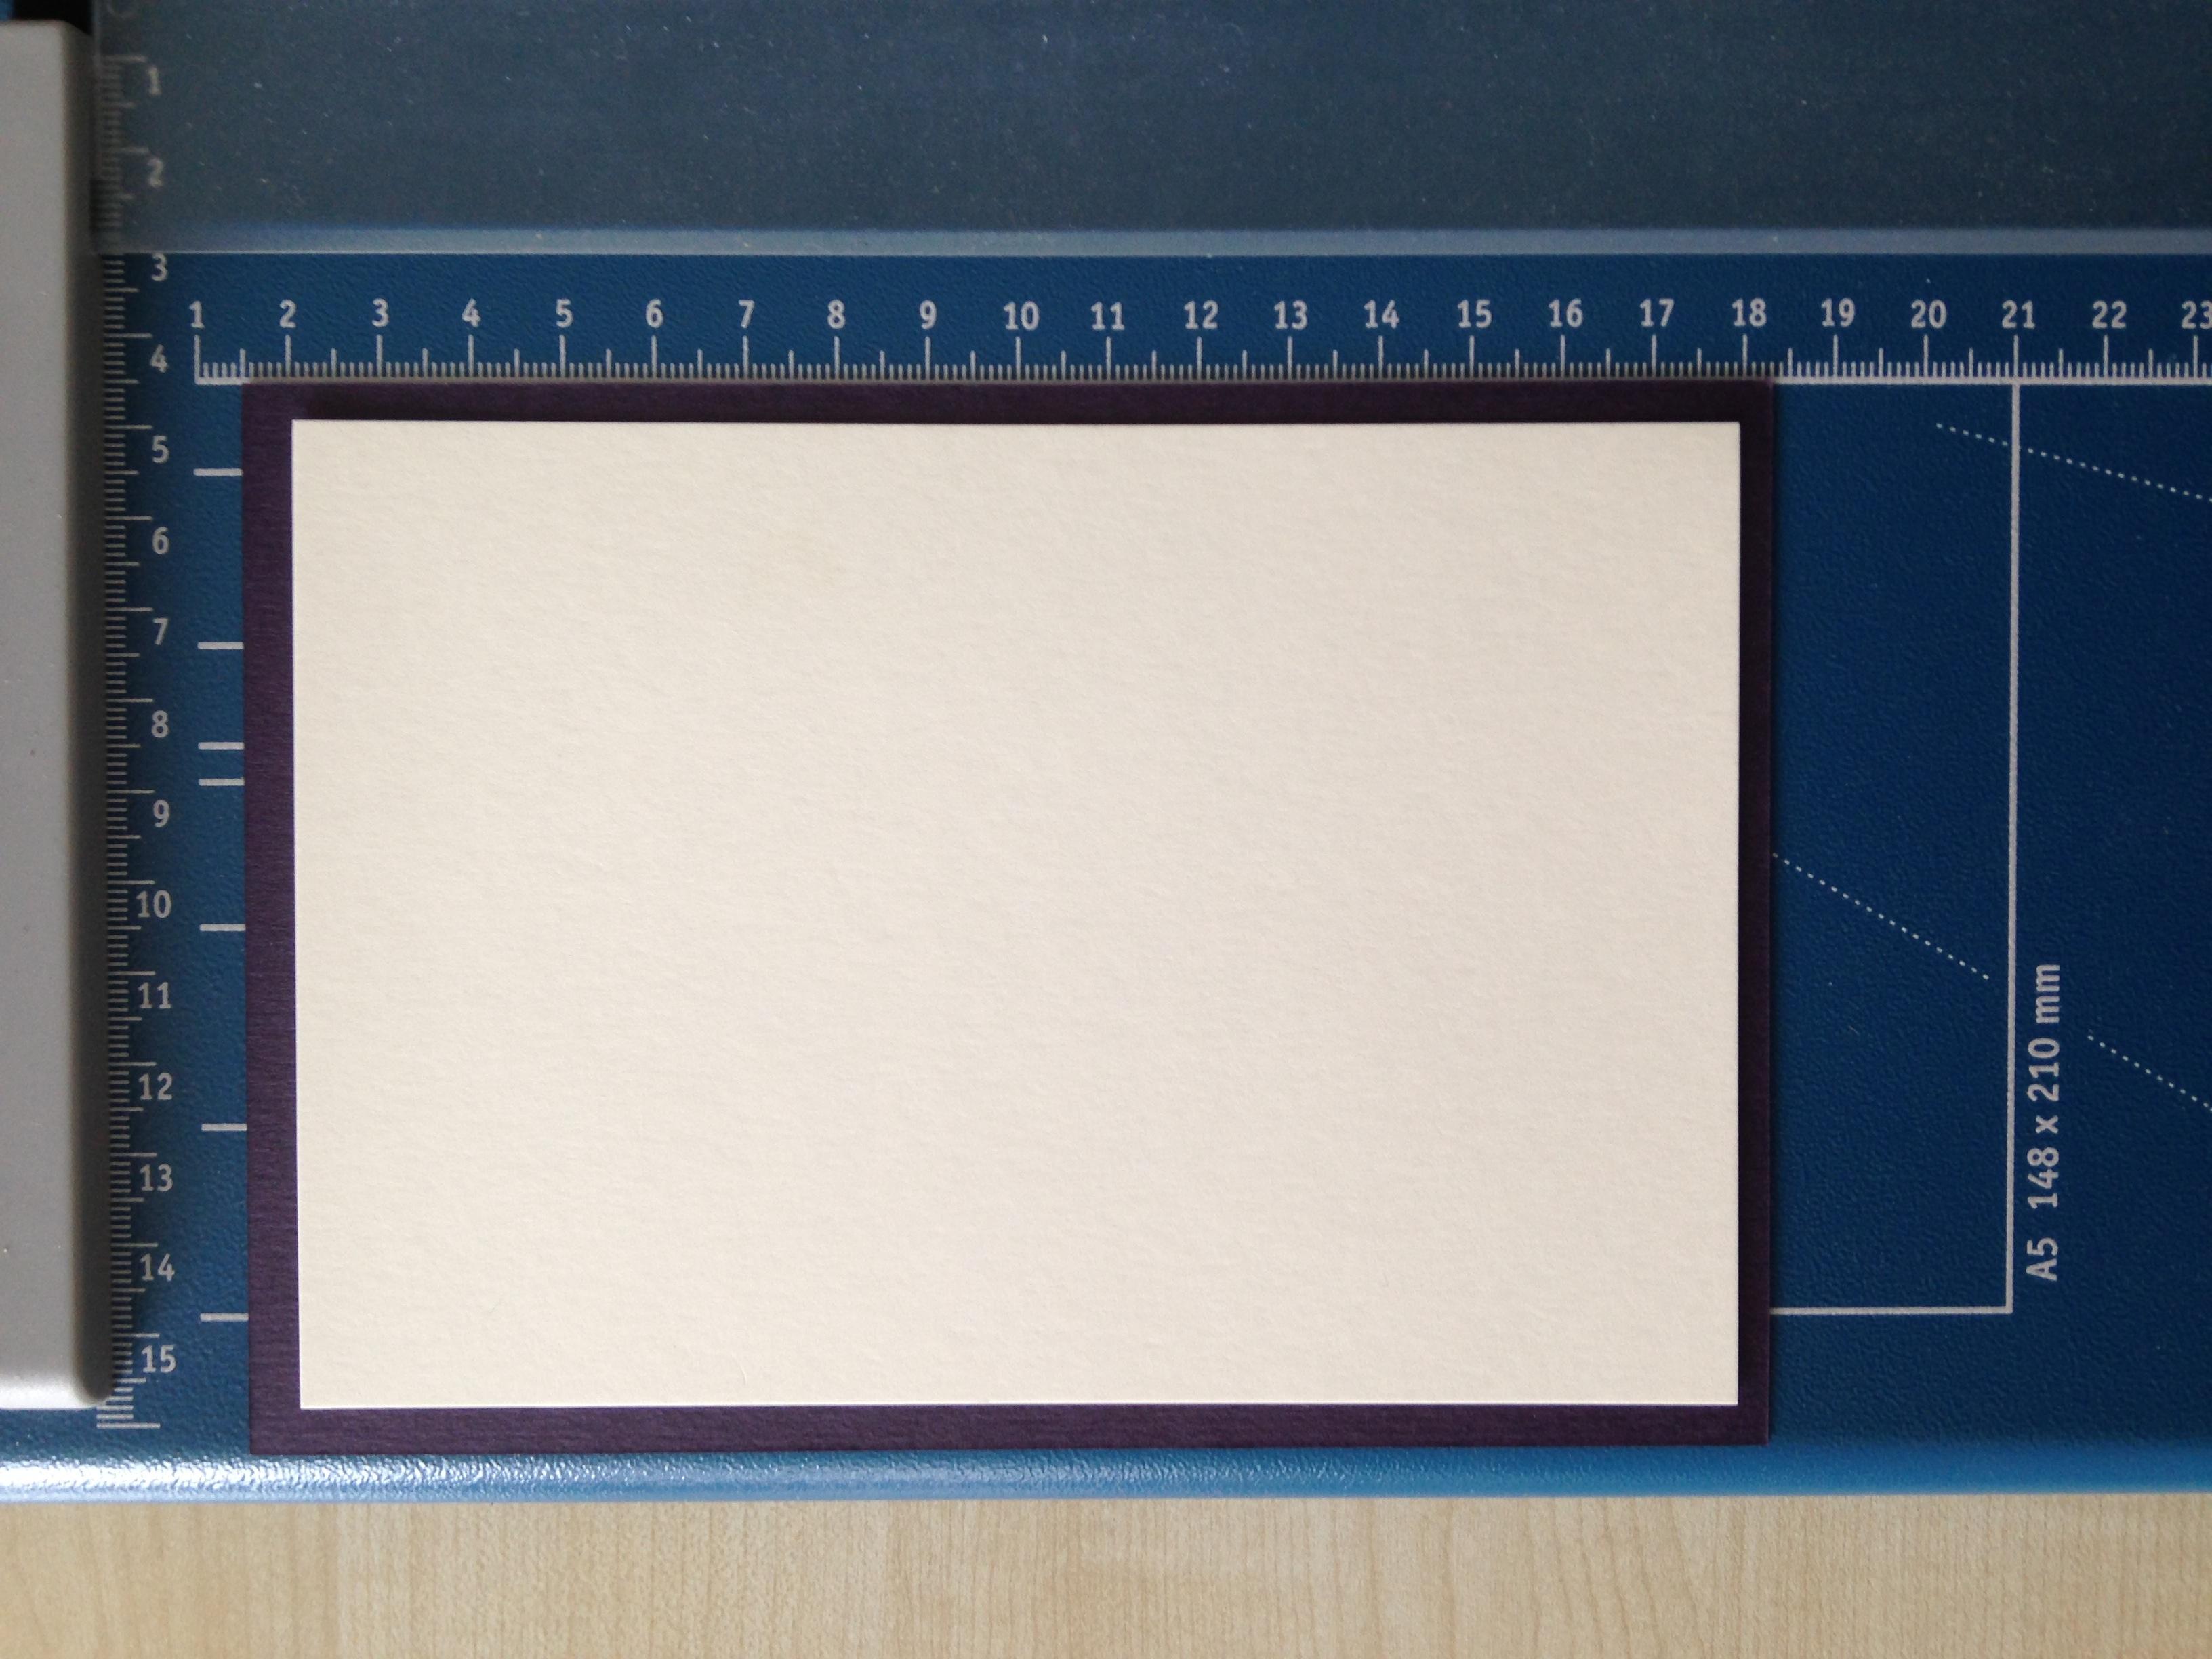 Einladungskarten Richtig Selbst Gestalten So Geht S: Papierformat Richtig Einstellen